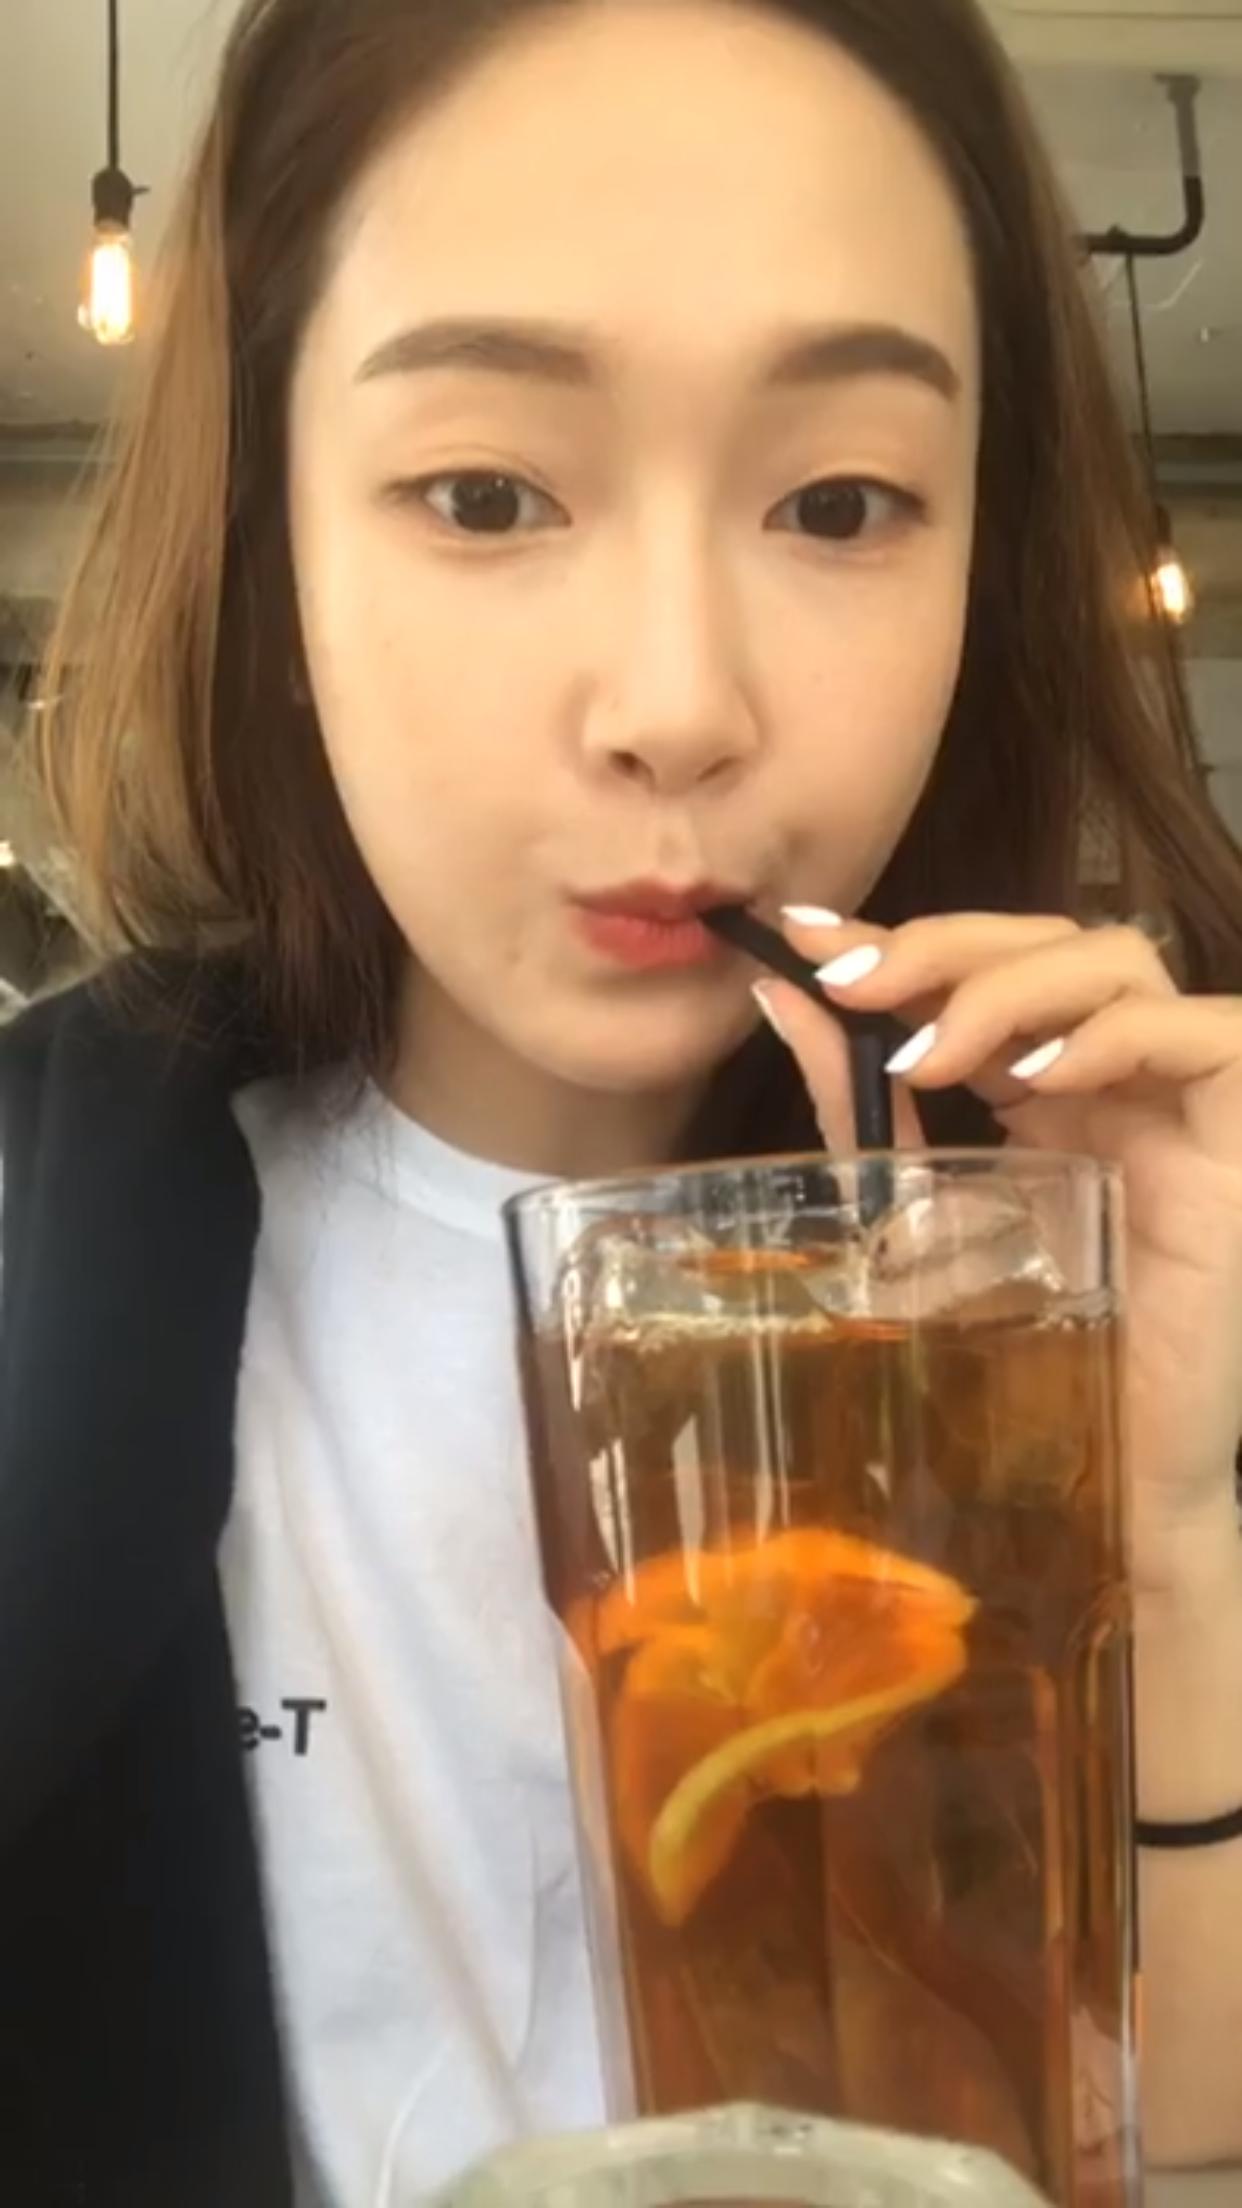 郑秀妍][分享]170423 小奶卡做直播日常 欧尼现身一秒 ...